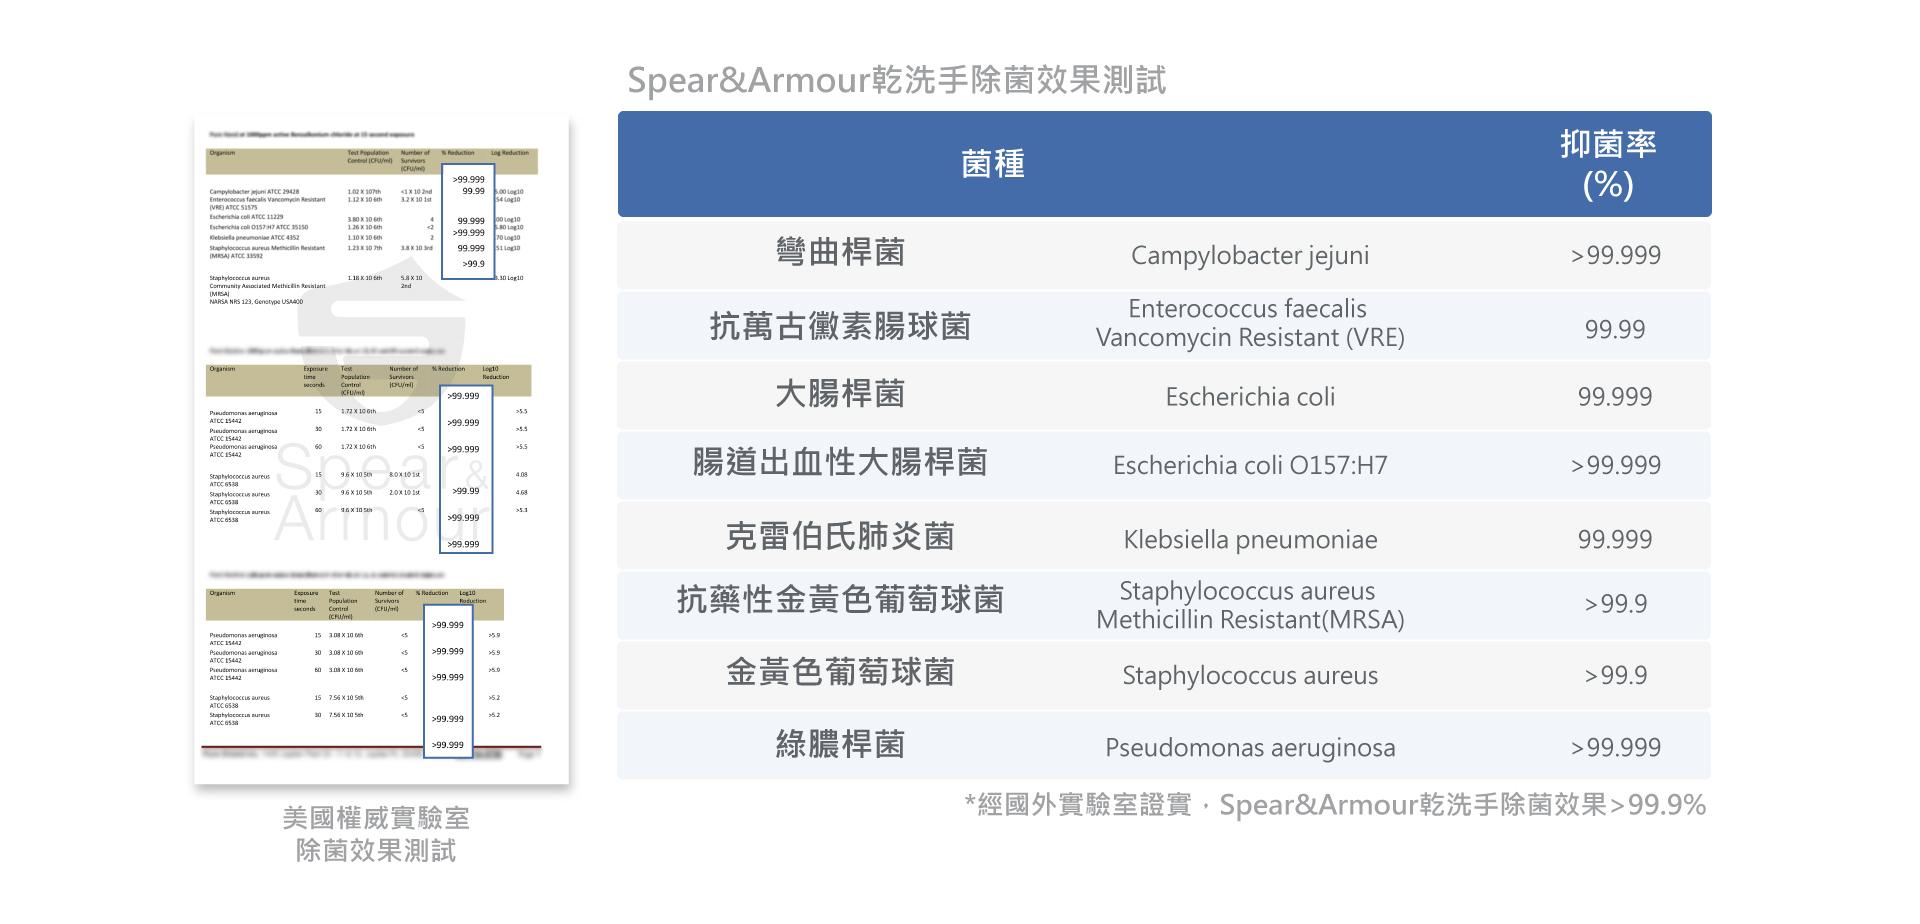 Spear & Armour 思必兒乾洗手系列除菌效果>99.9%